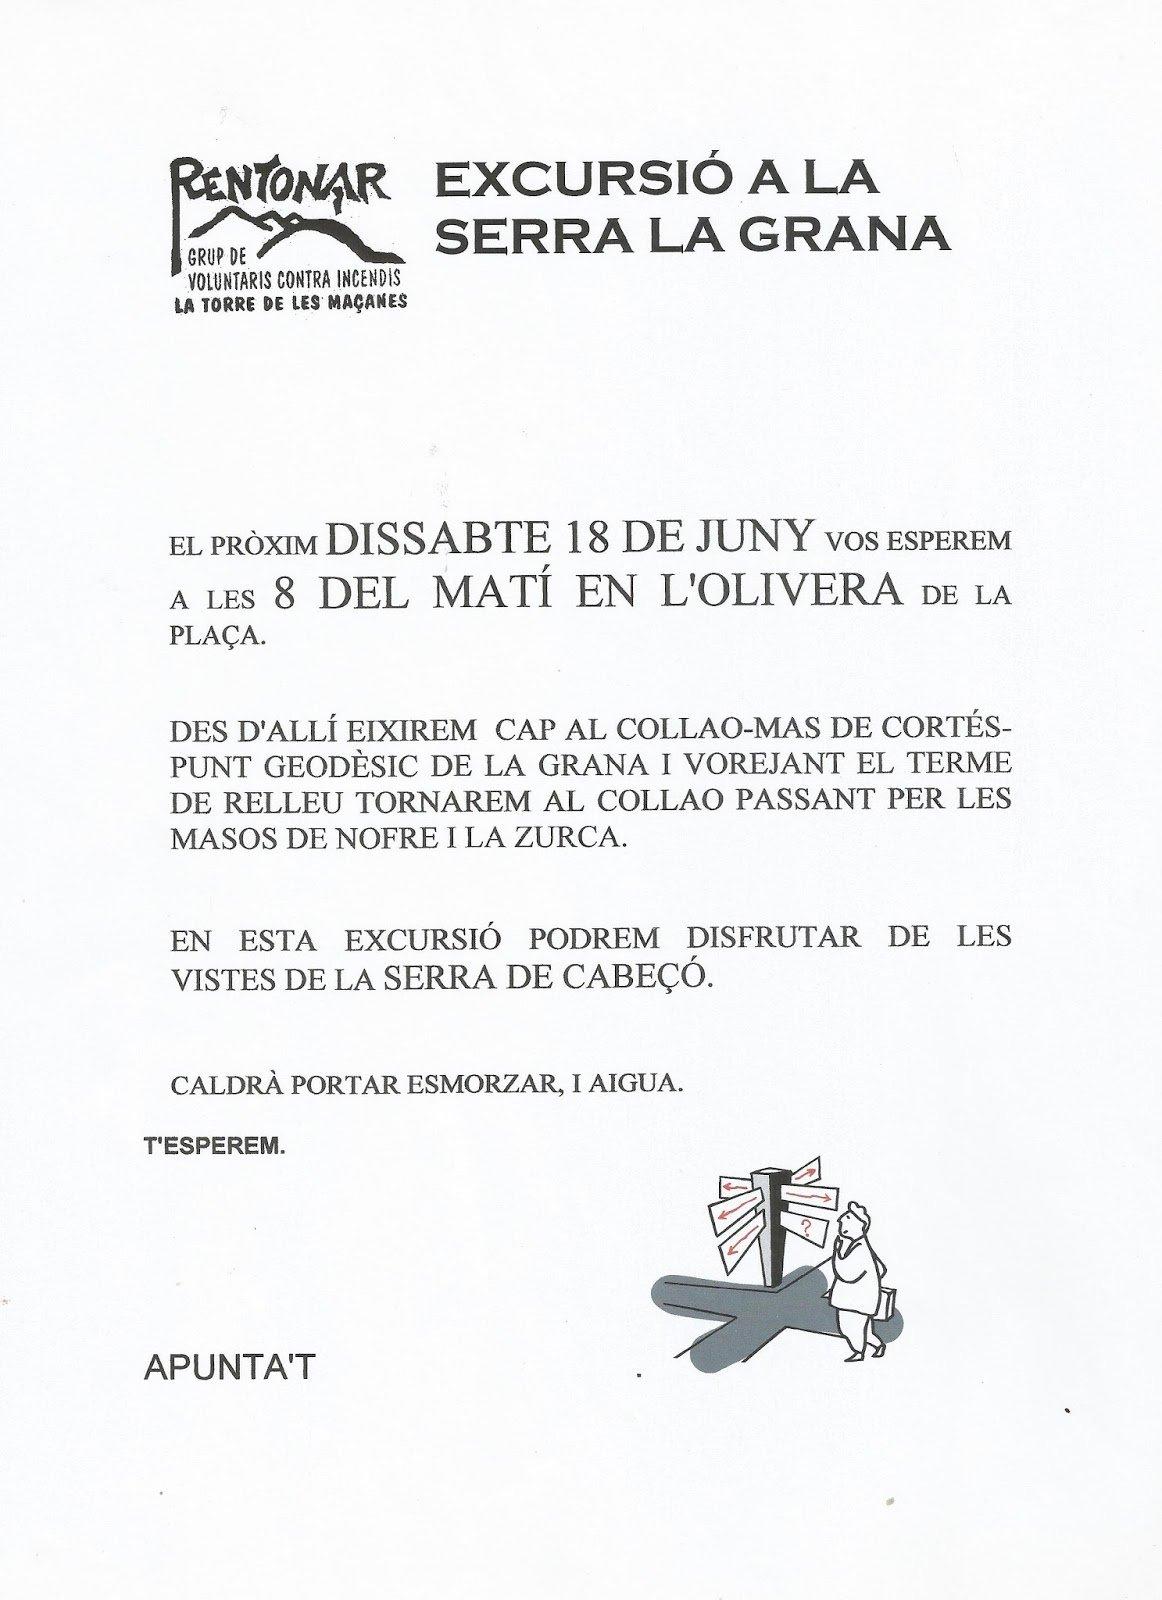 Excursió a la Serra la Grana, juny 2005